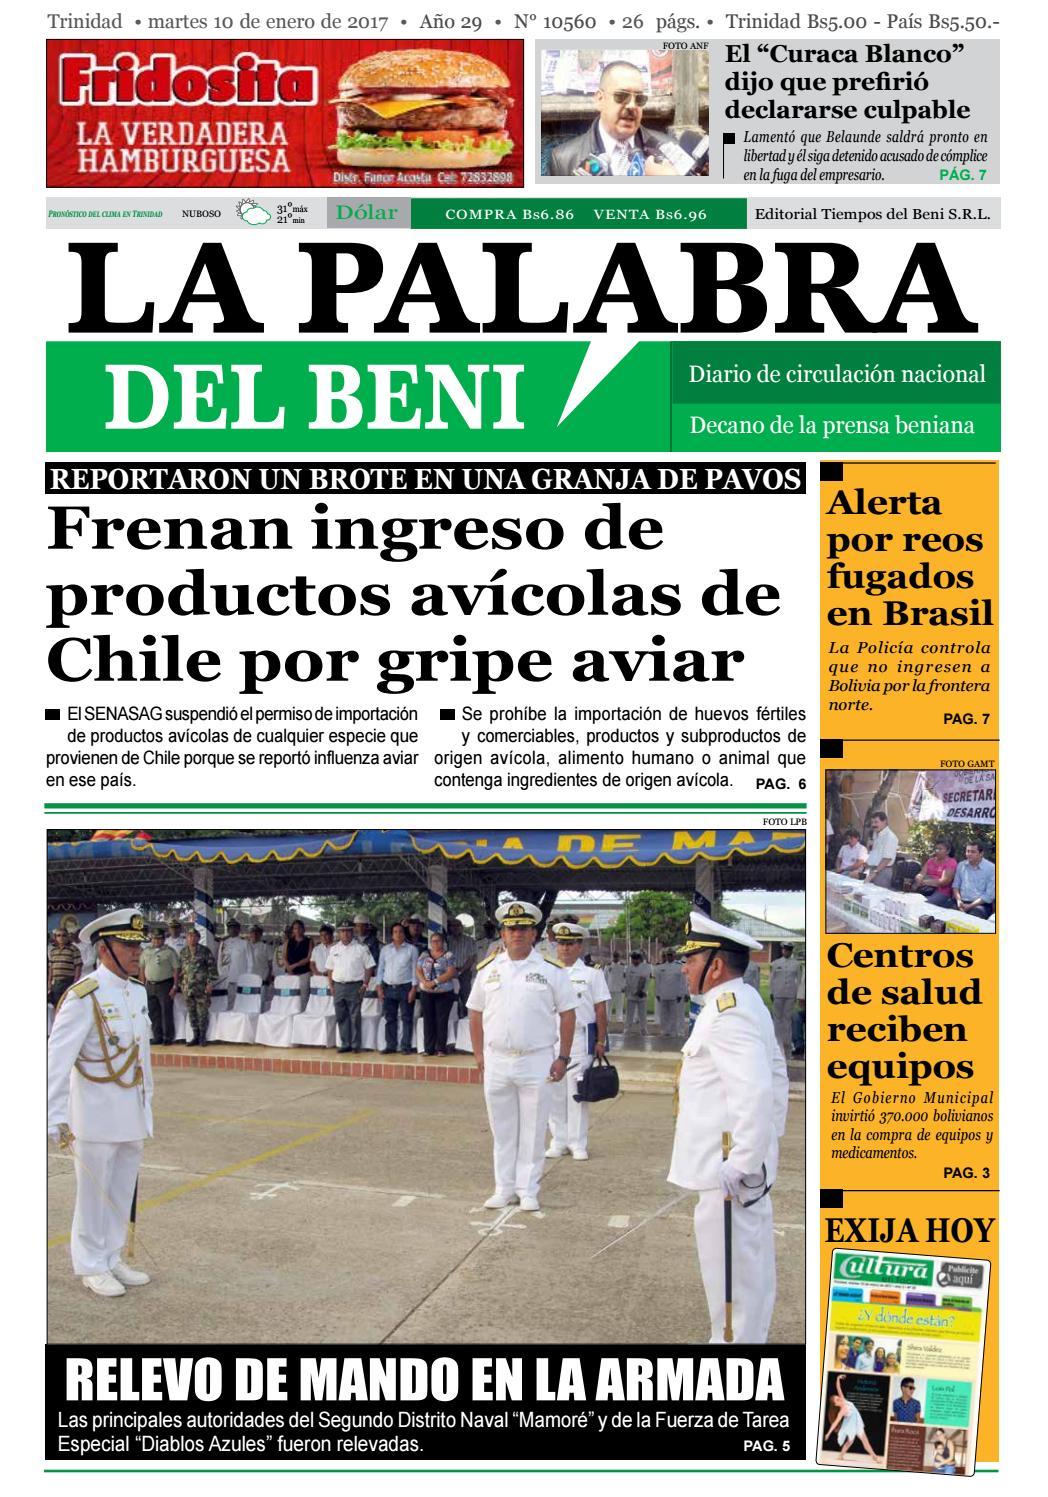 La Palabra del Beni, 10 de Enero de 2017 by La Palabra del Beni - issuu